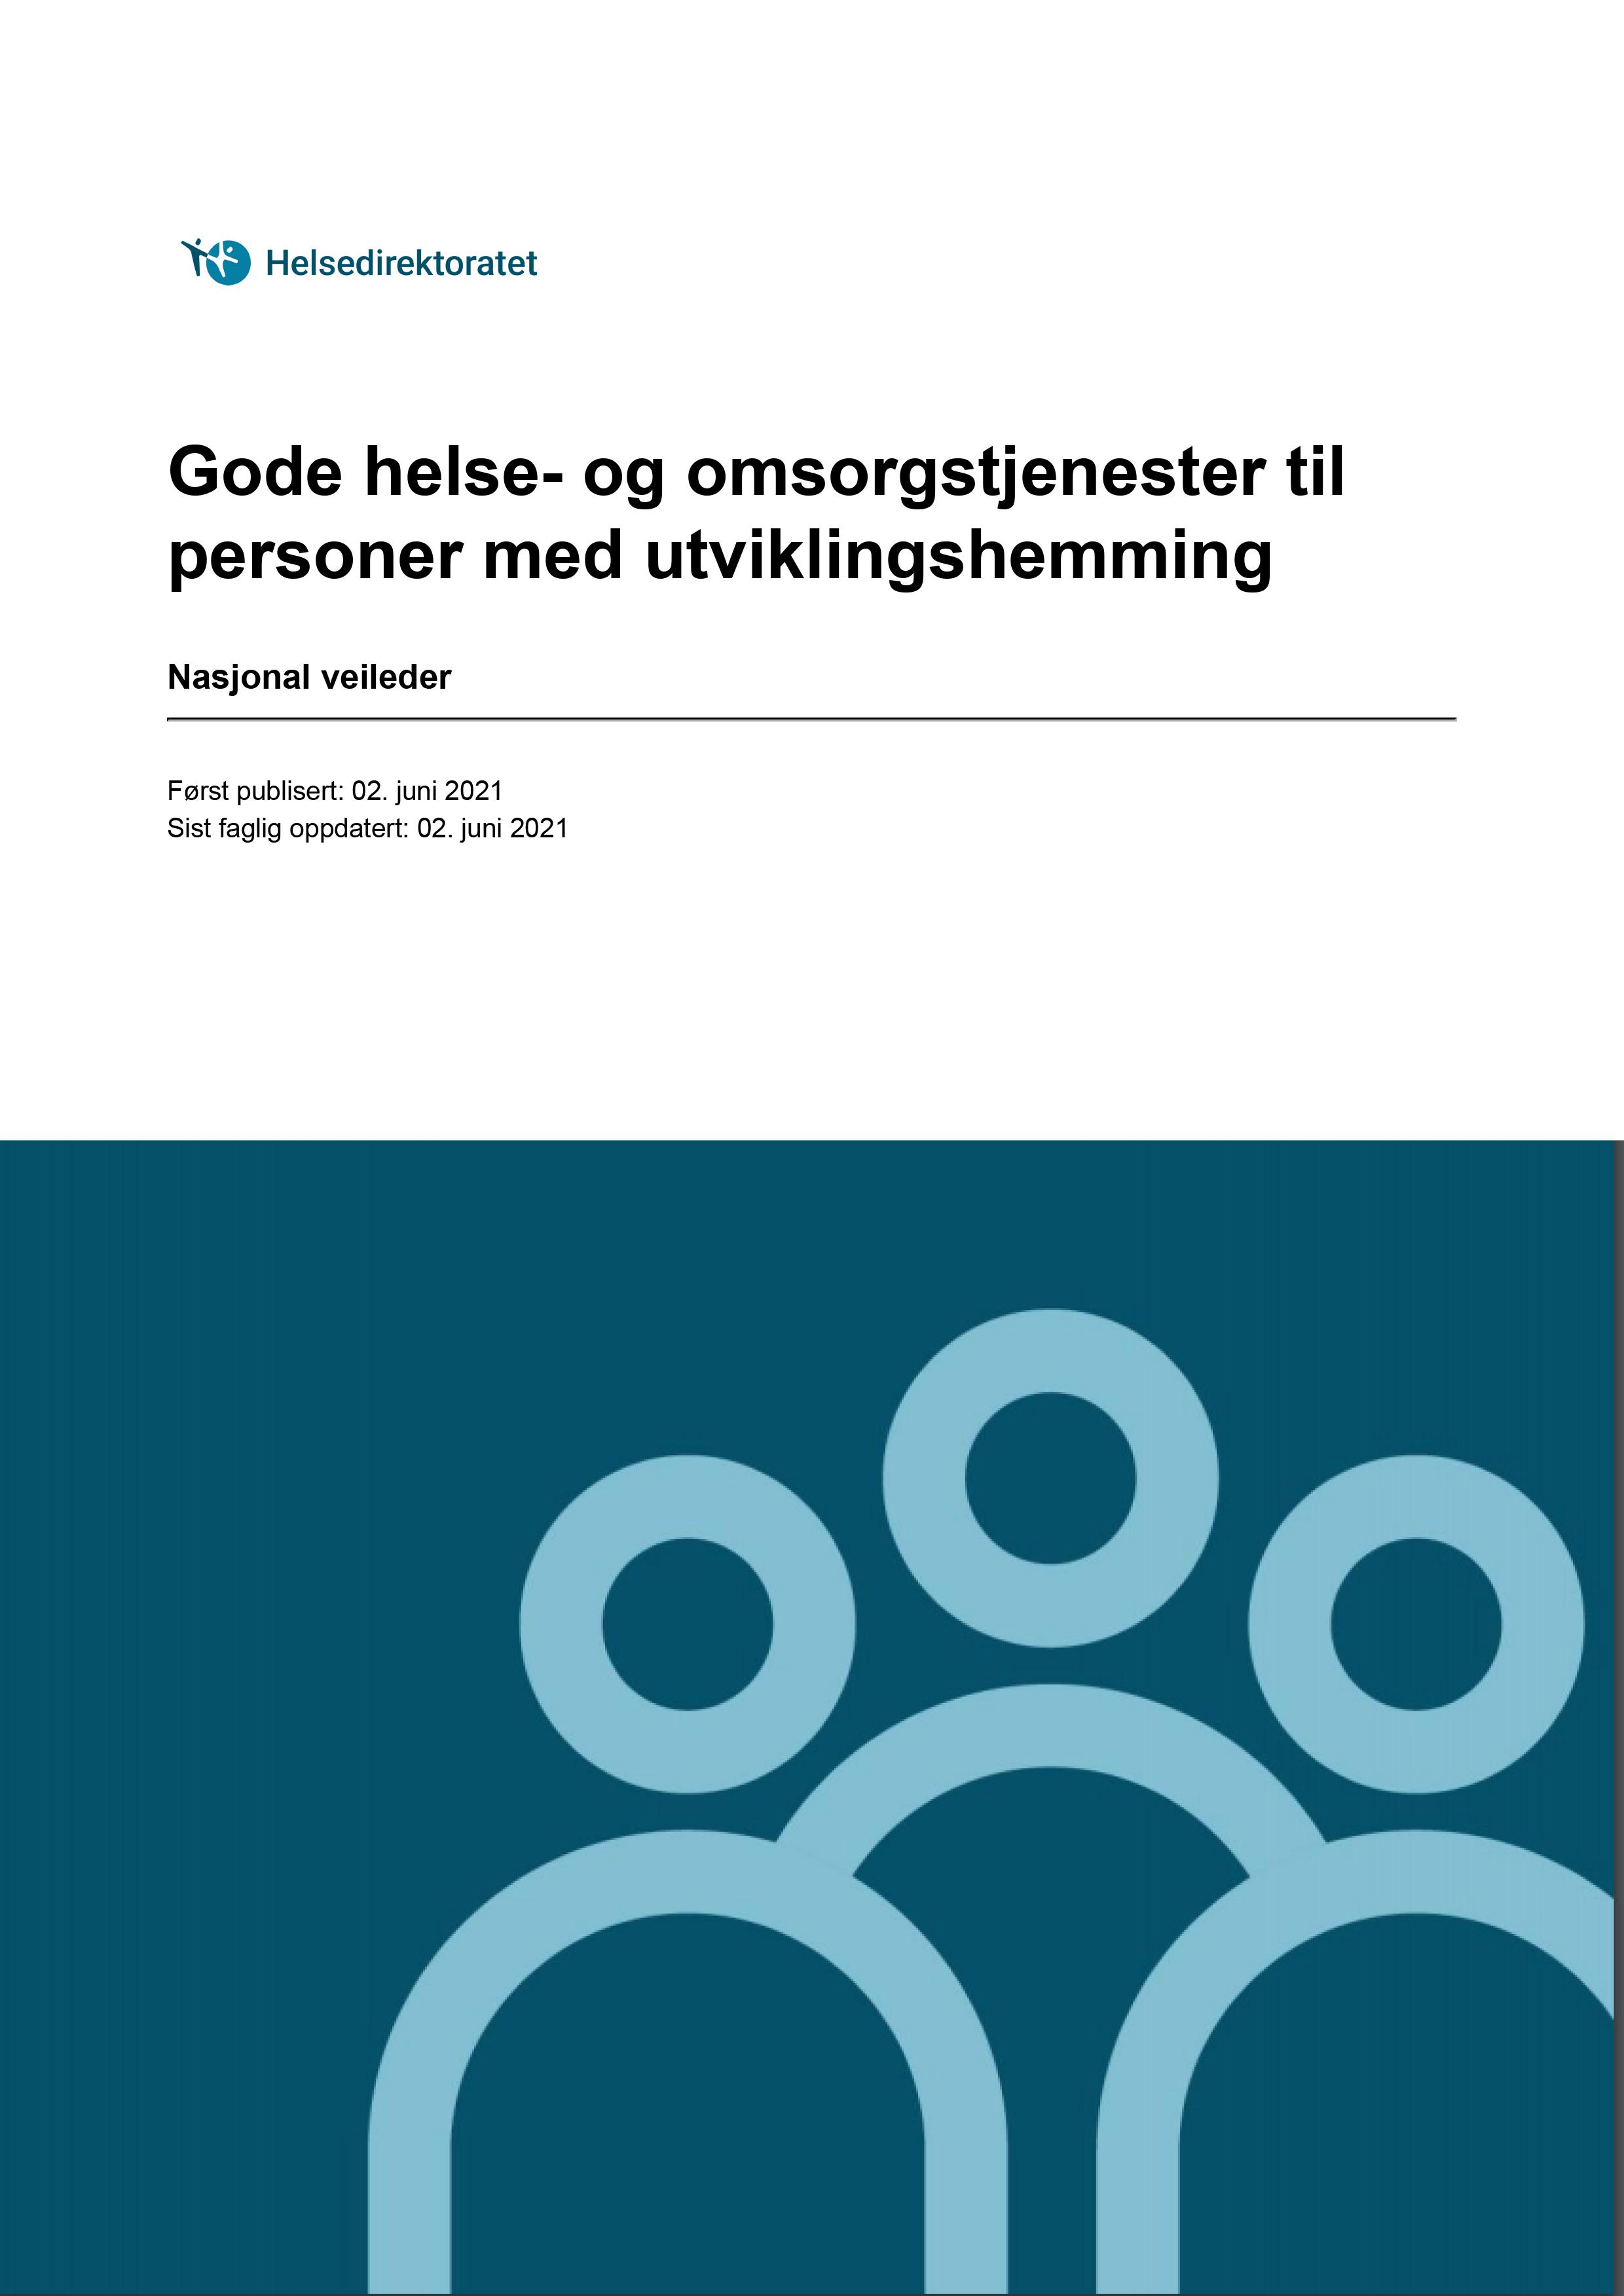 Omslagsbilde til veilederen Gode helse- og omsorgstjenester til personer med utviklingshemming